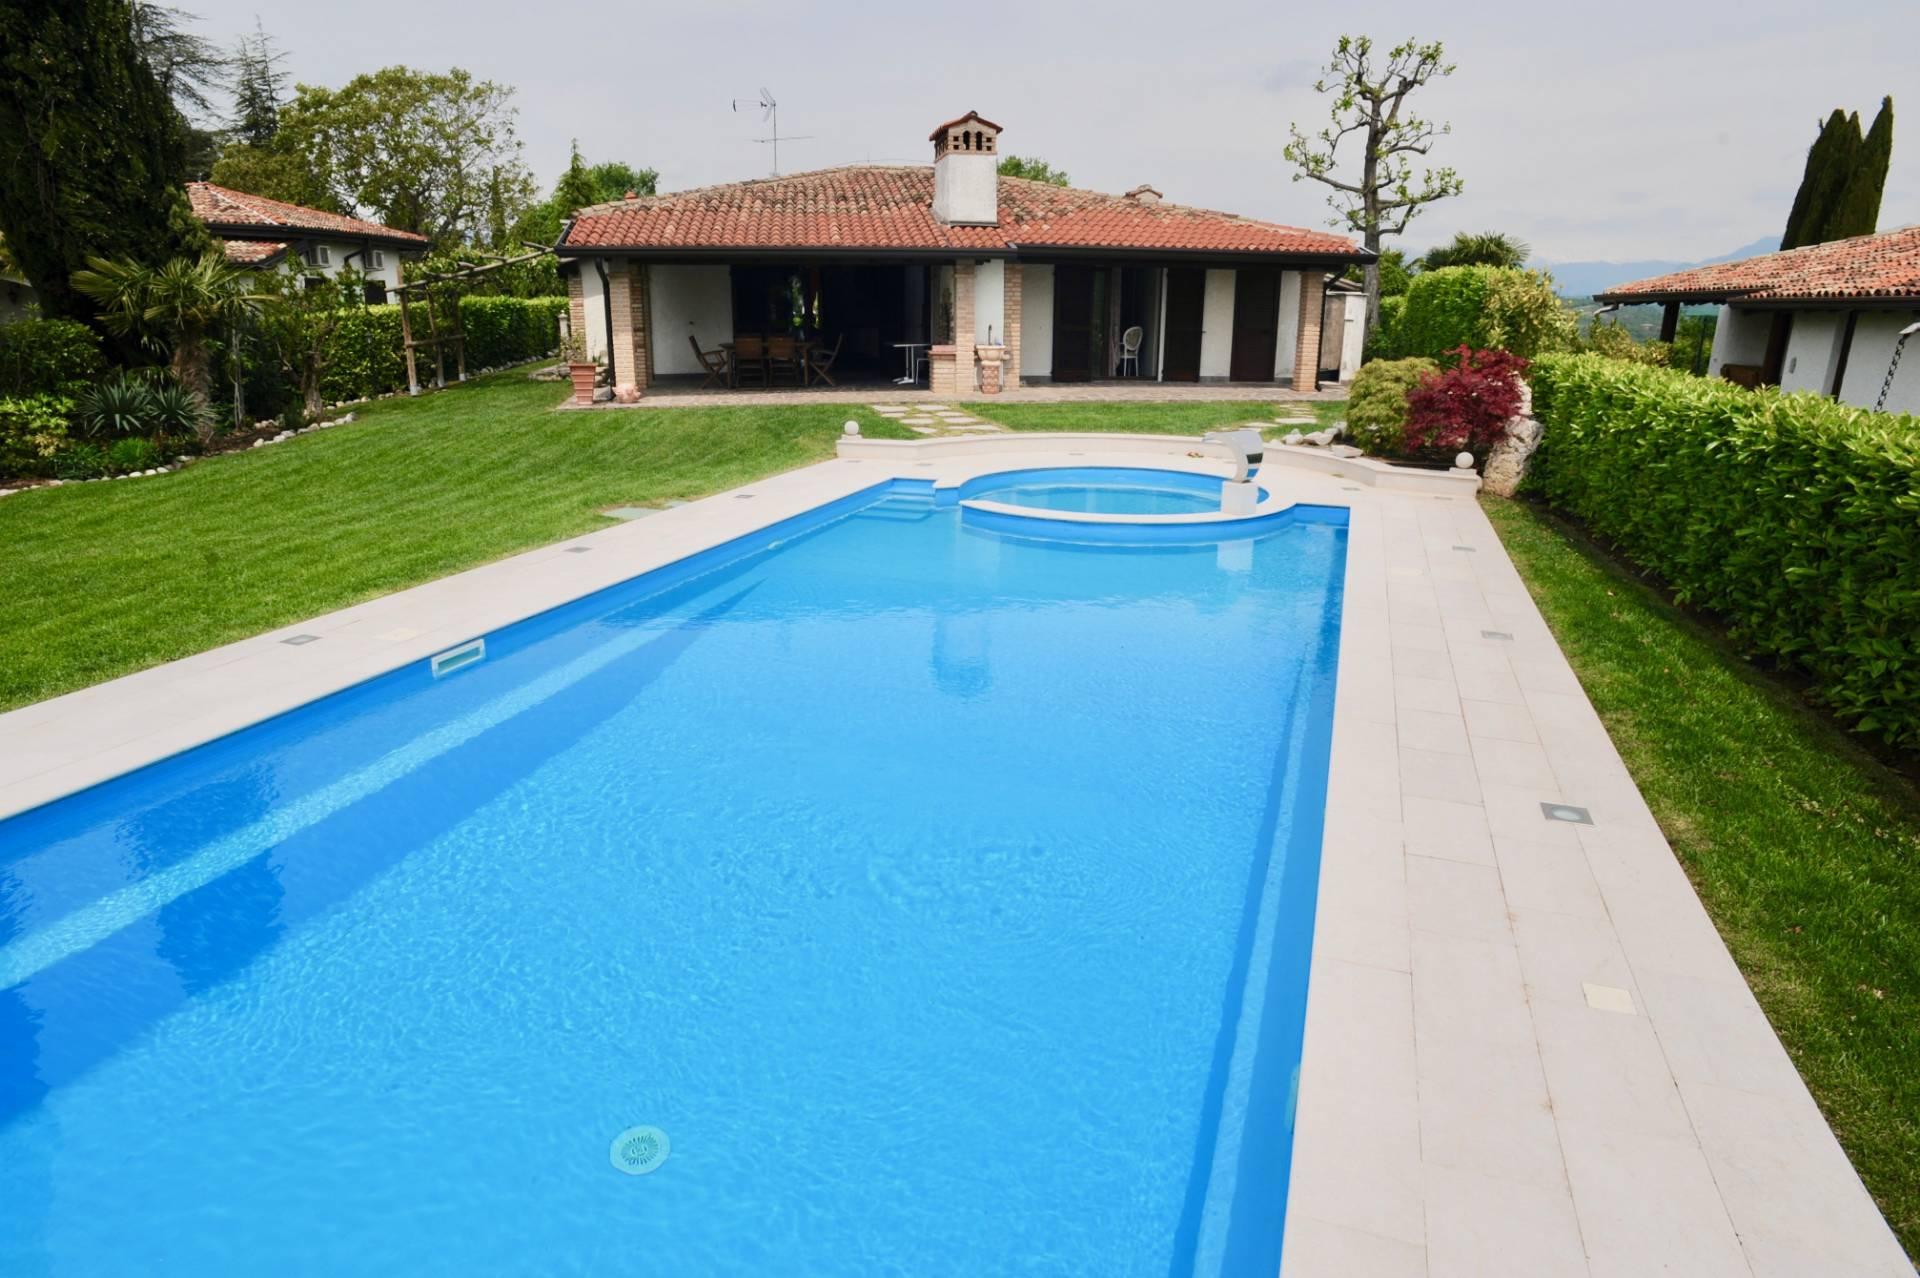 Villa in Vendita a Padenghe Sul Garda via palazzina